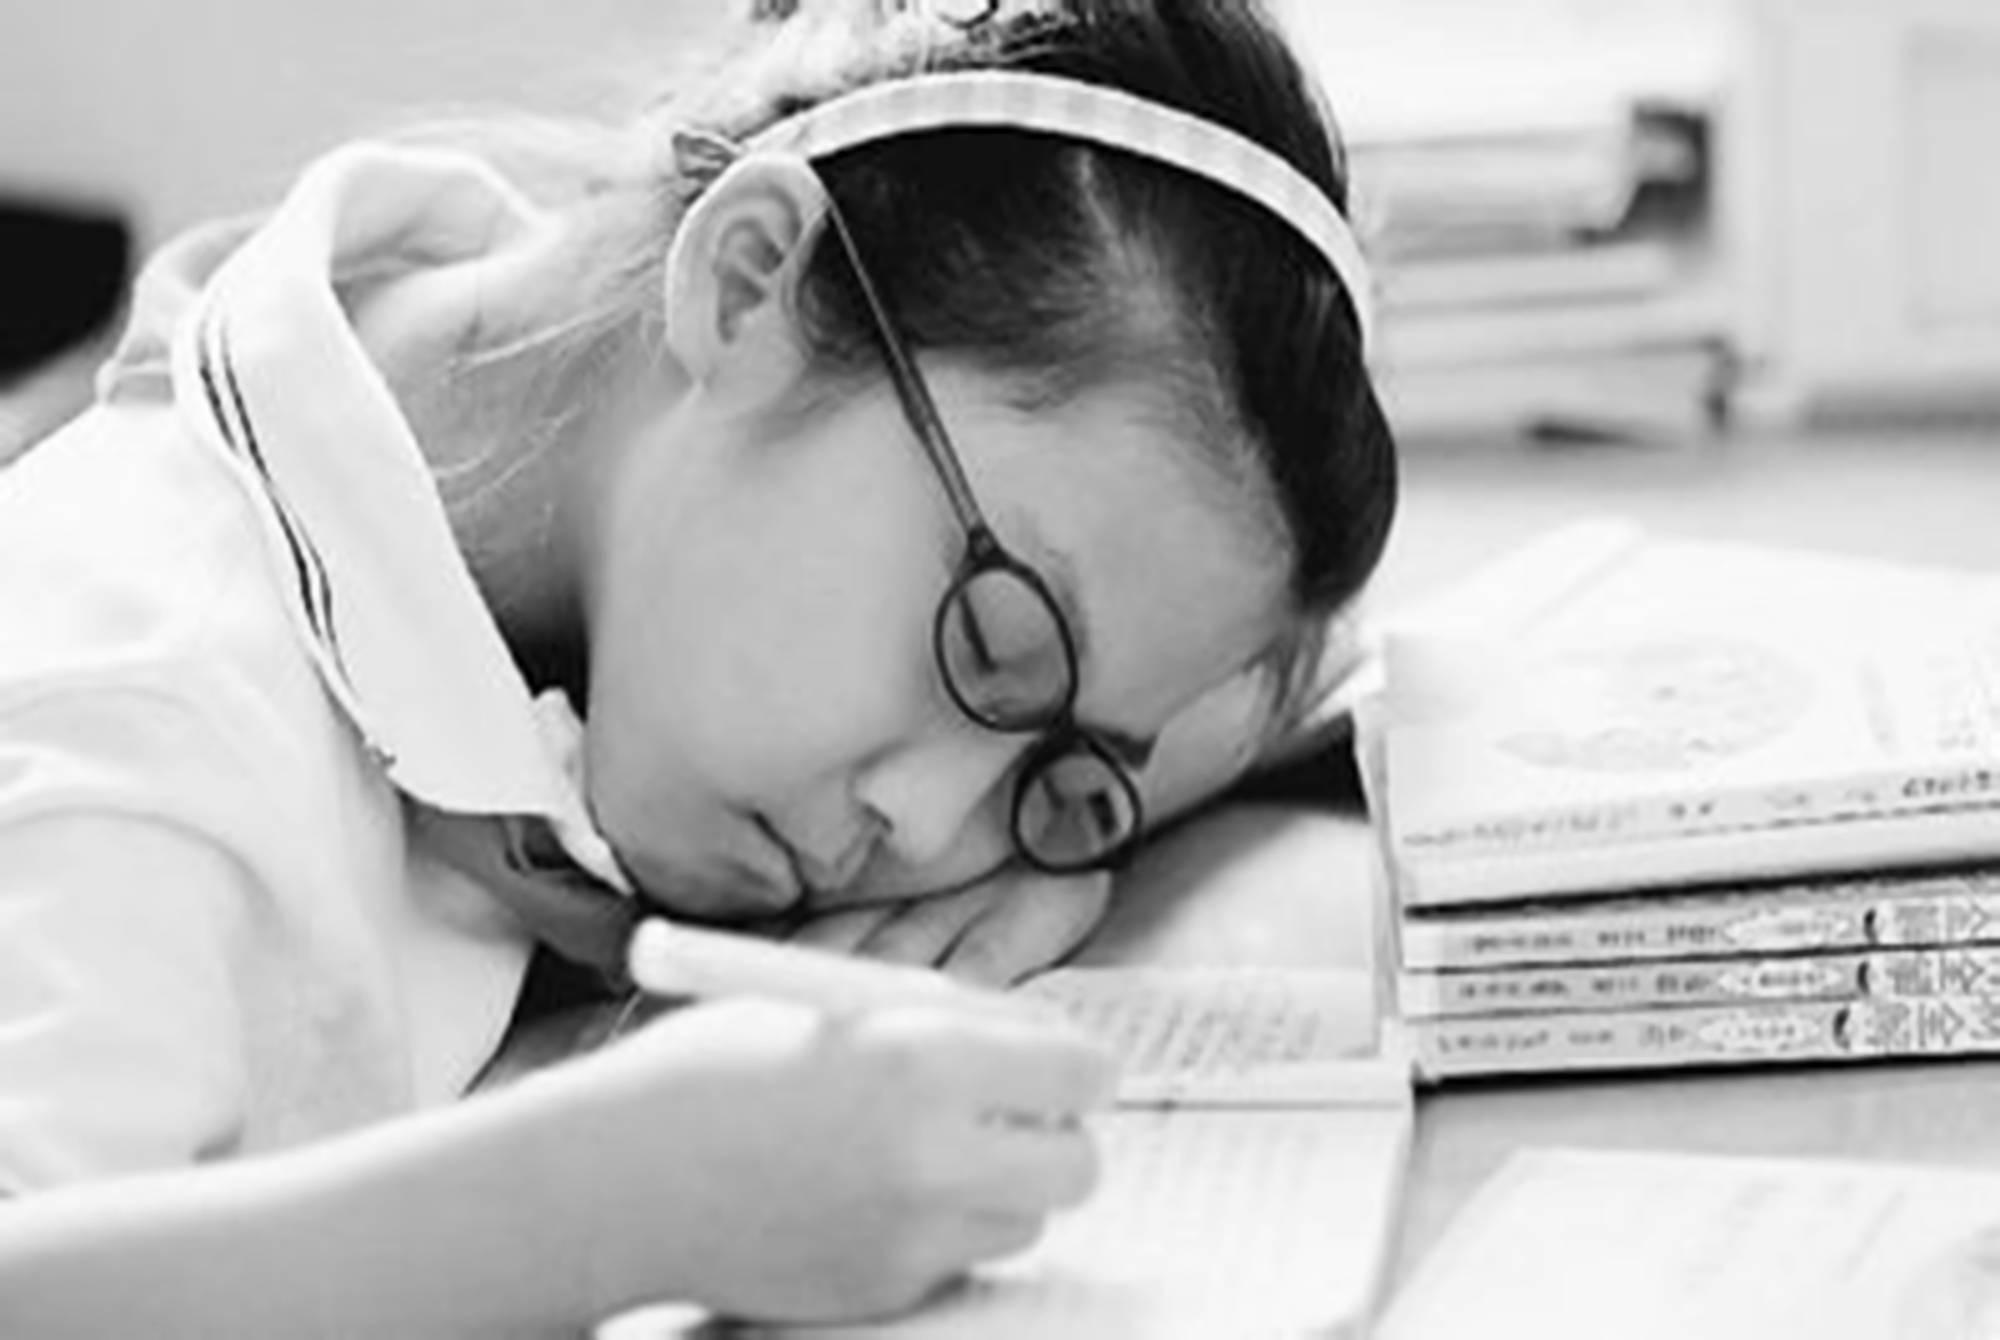 聊天时怎样催眠让对方感到困早点睡? 怎么叫一个人早点睡